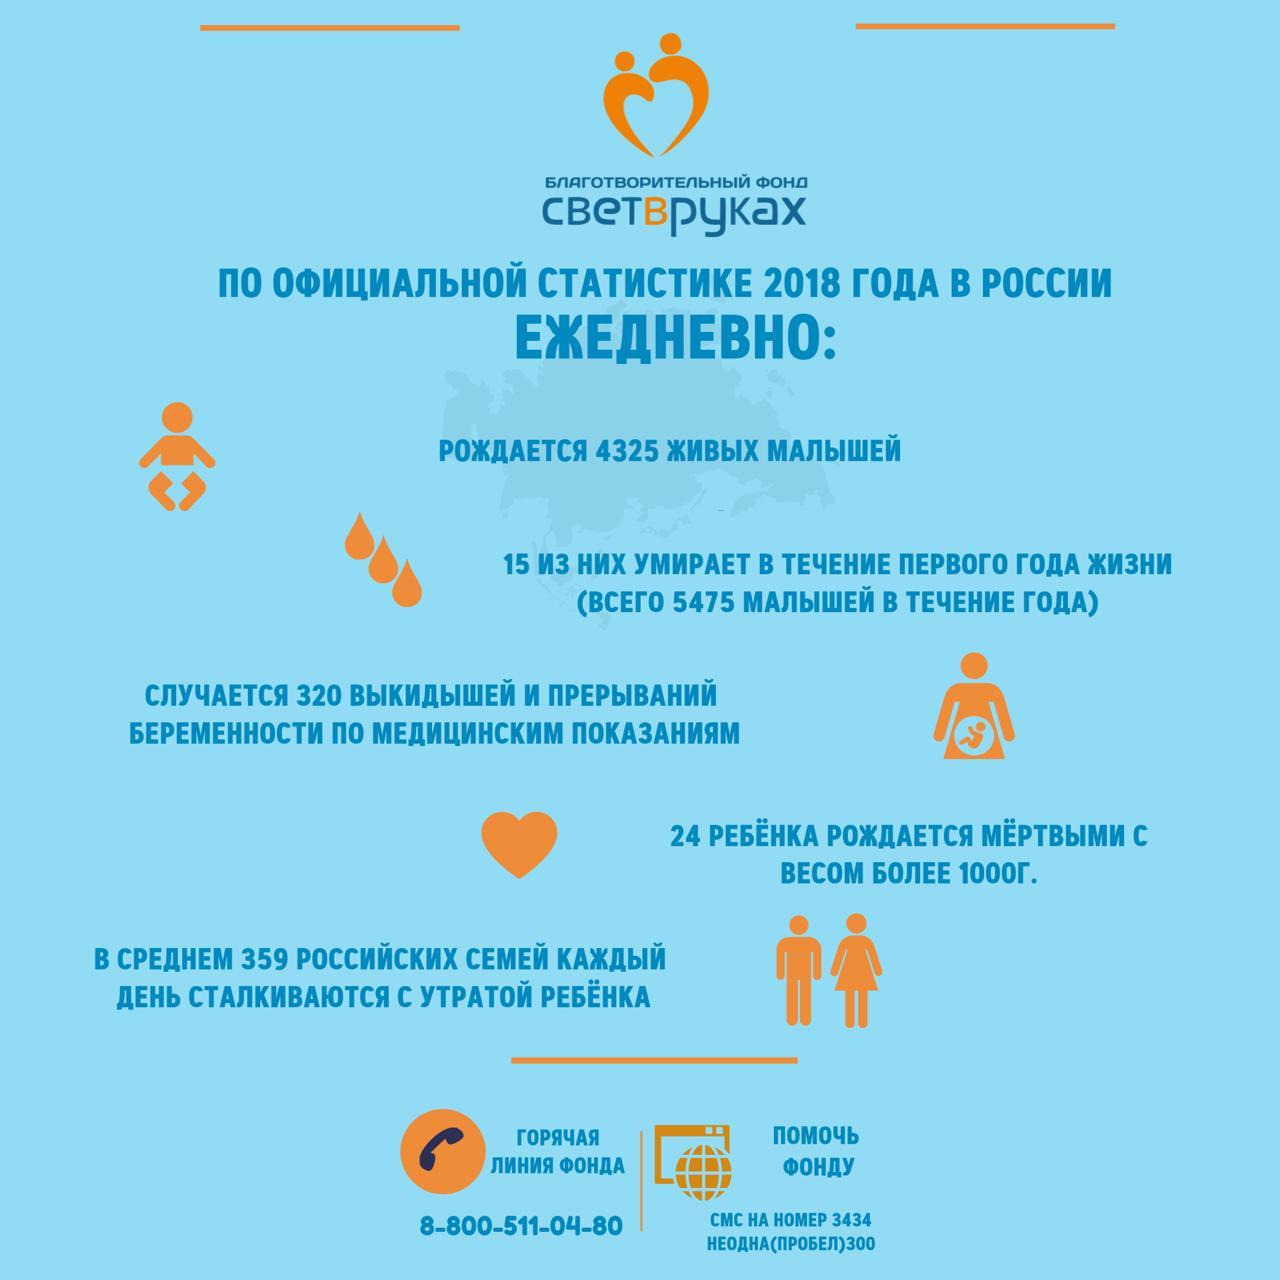 Статистика РФ